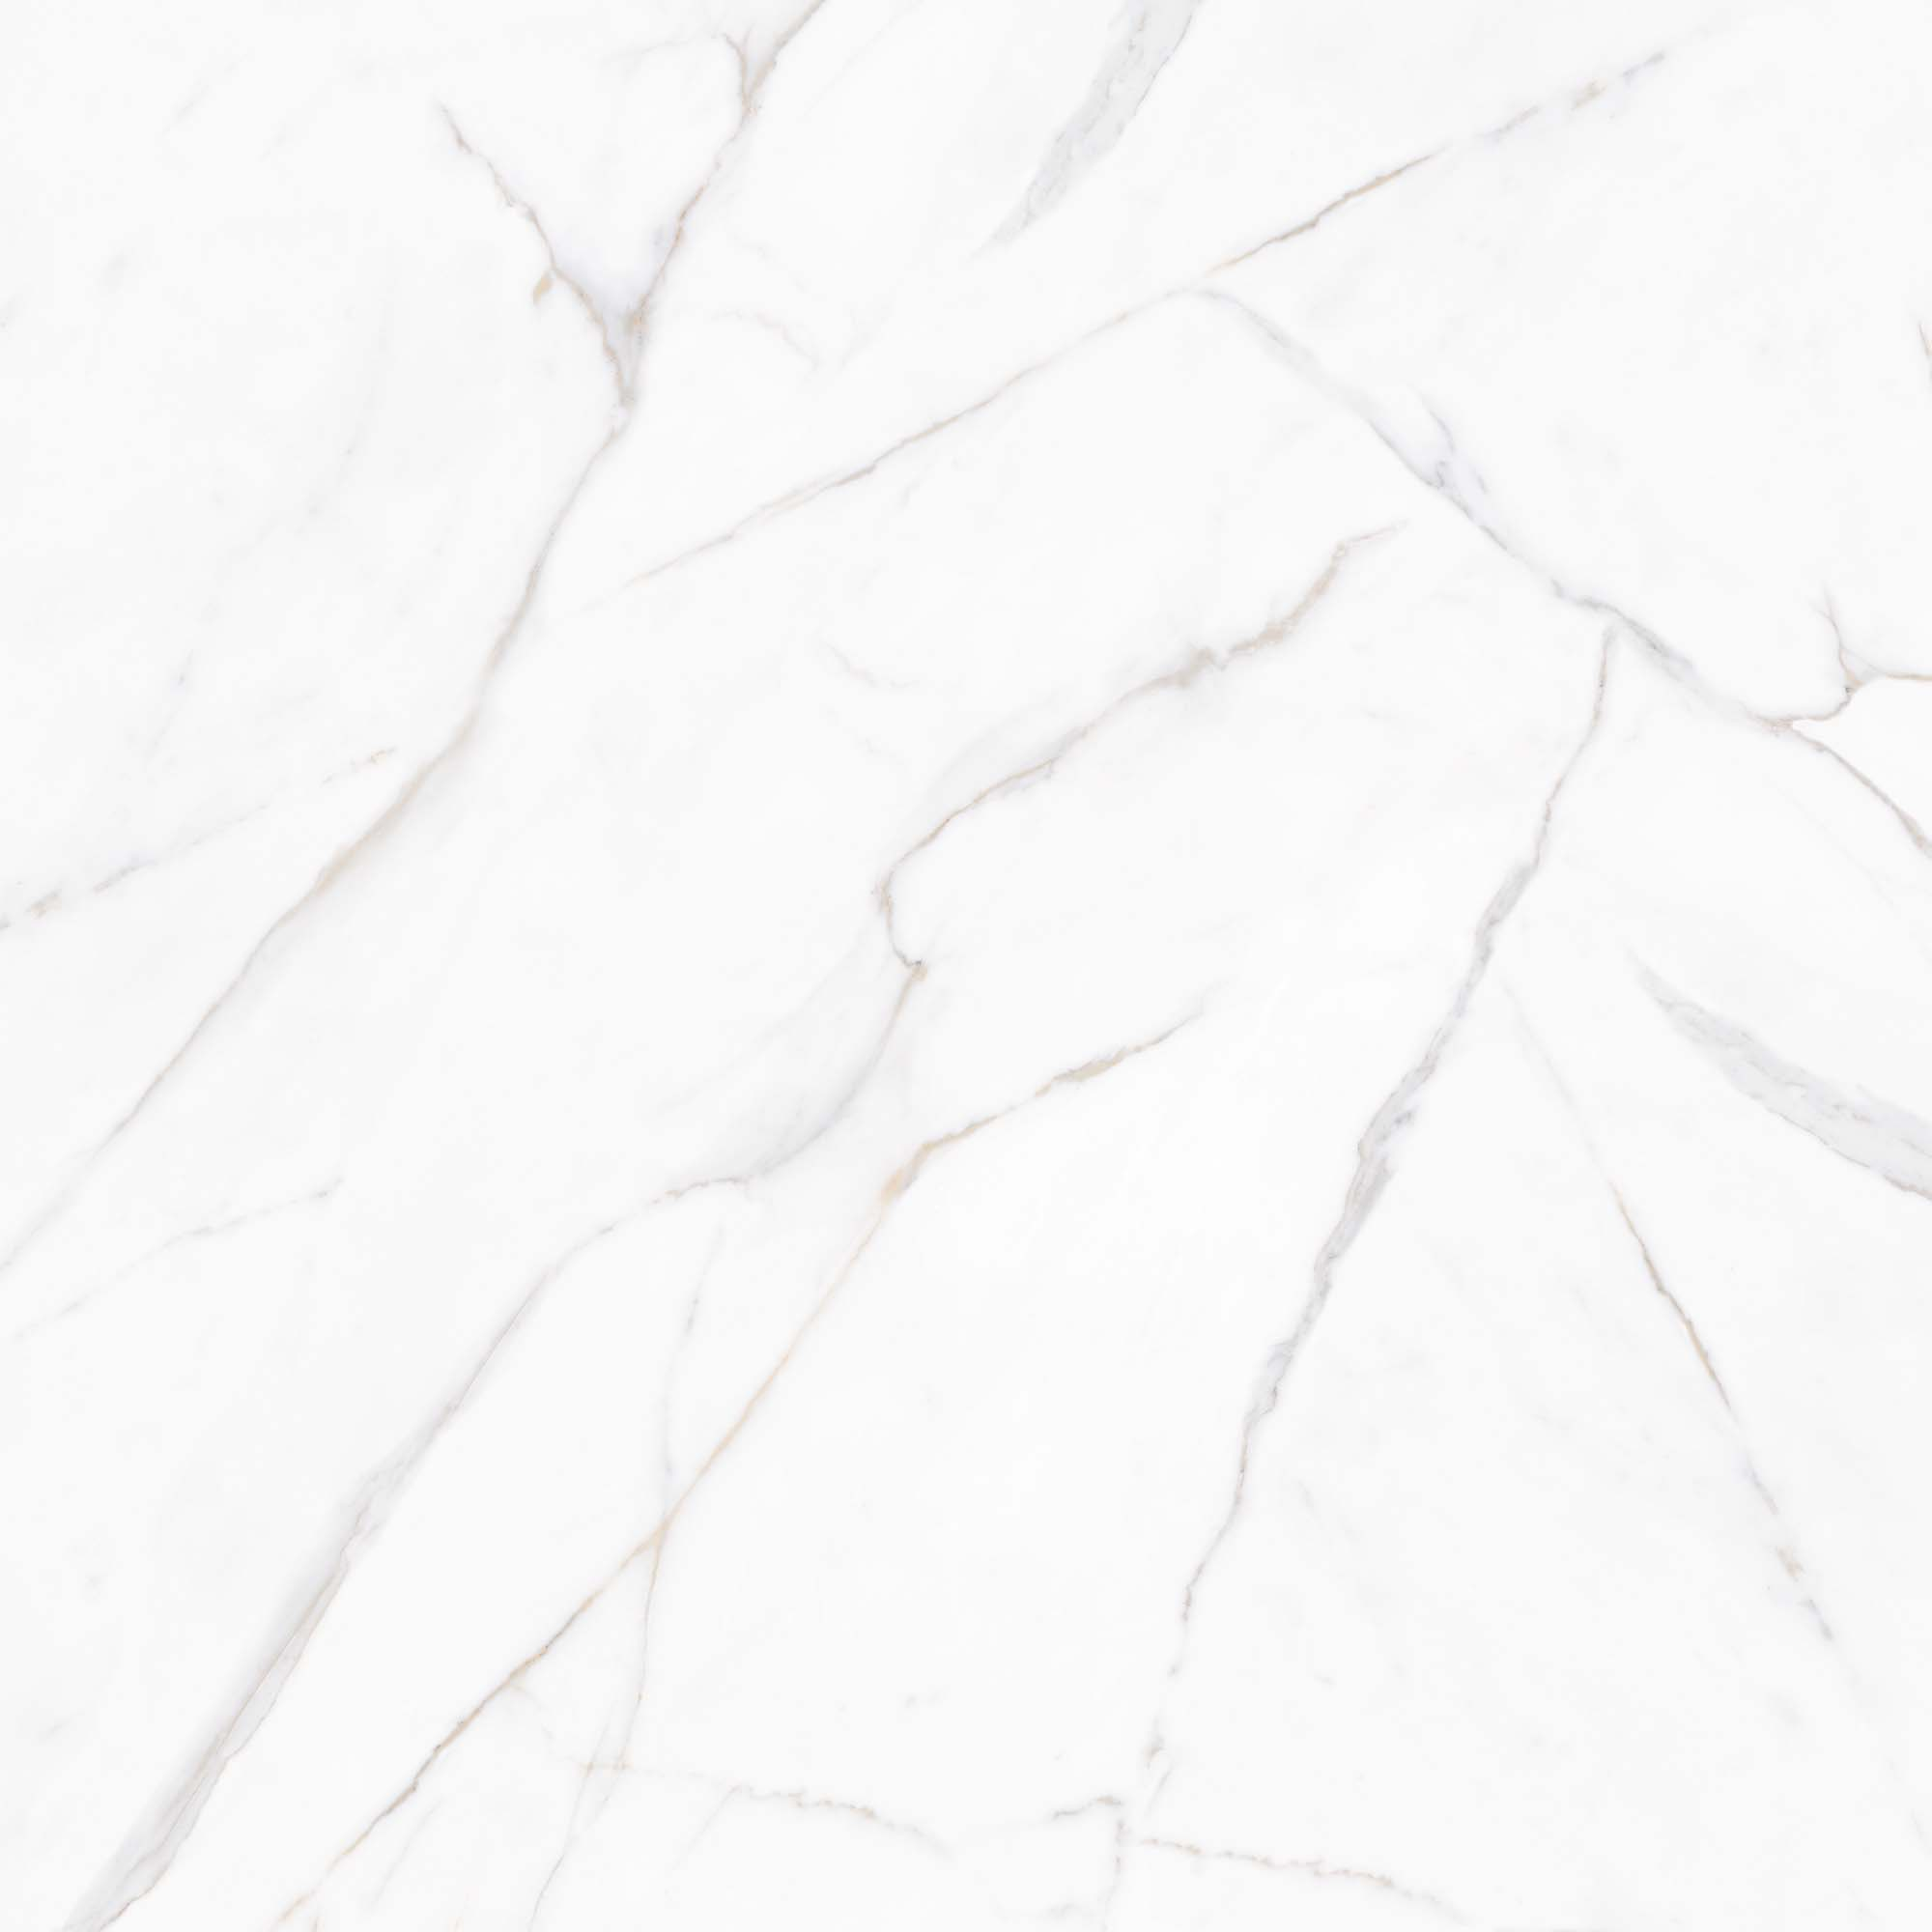 Porcelanato Embramaco Calacata Gold 82x82 cm  82008 Polido  - Casa Mattos